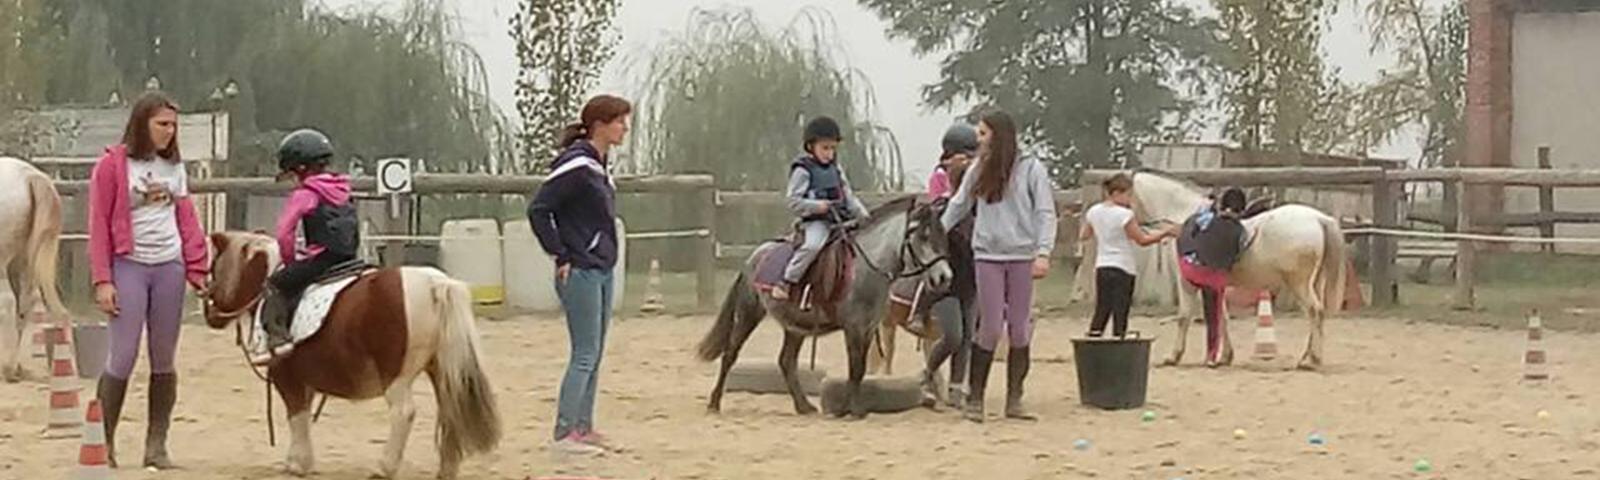 Equitazione per bambini pony games